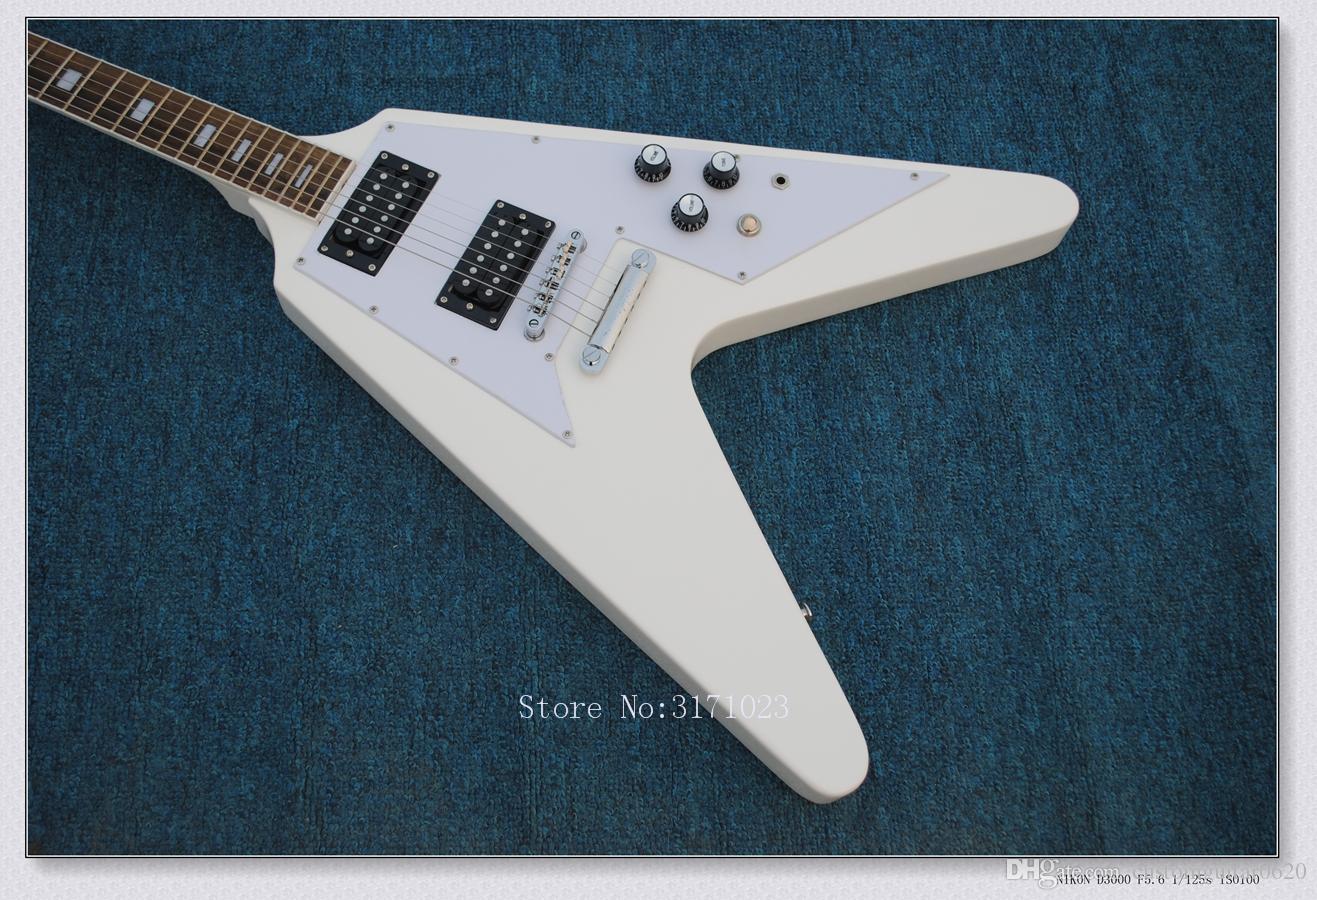 Top Instrumentos Musicais Mais Novo Branco Voando V Guitarra Elétrica Da China Frete Grátis